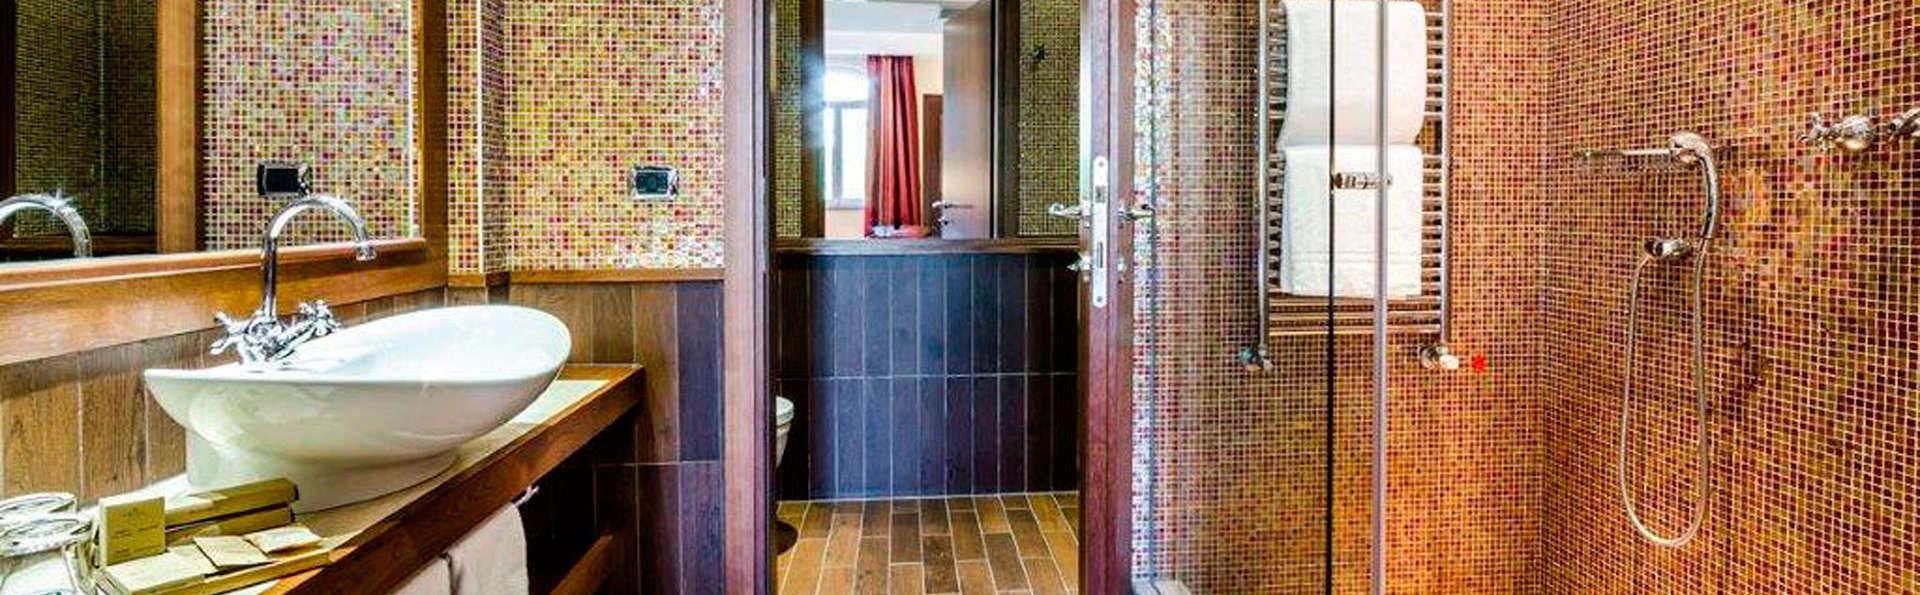 Hotel Silver - EDIT_bath1.jpg